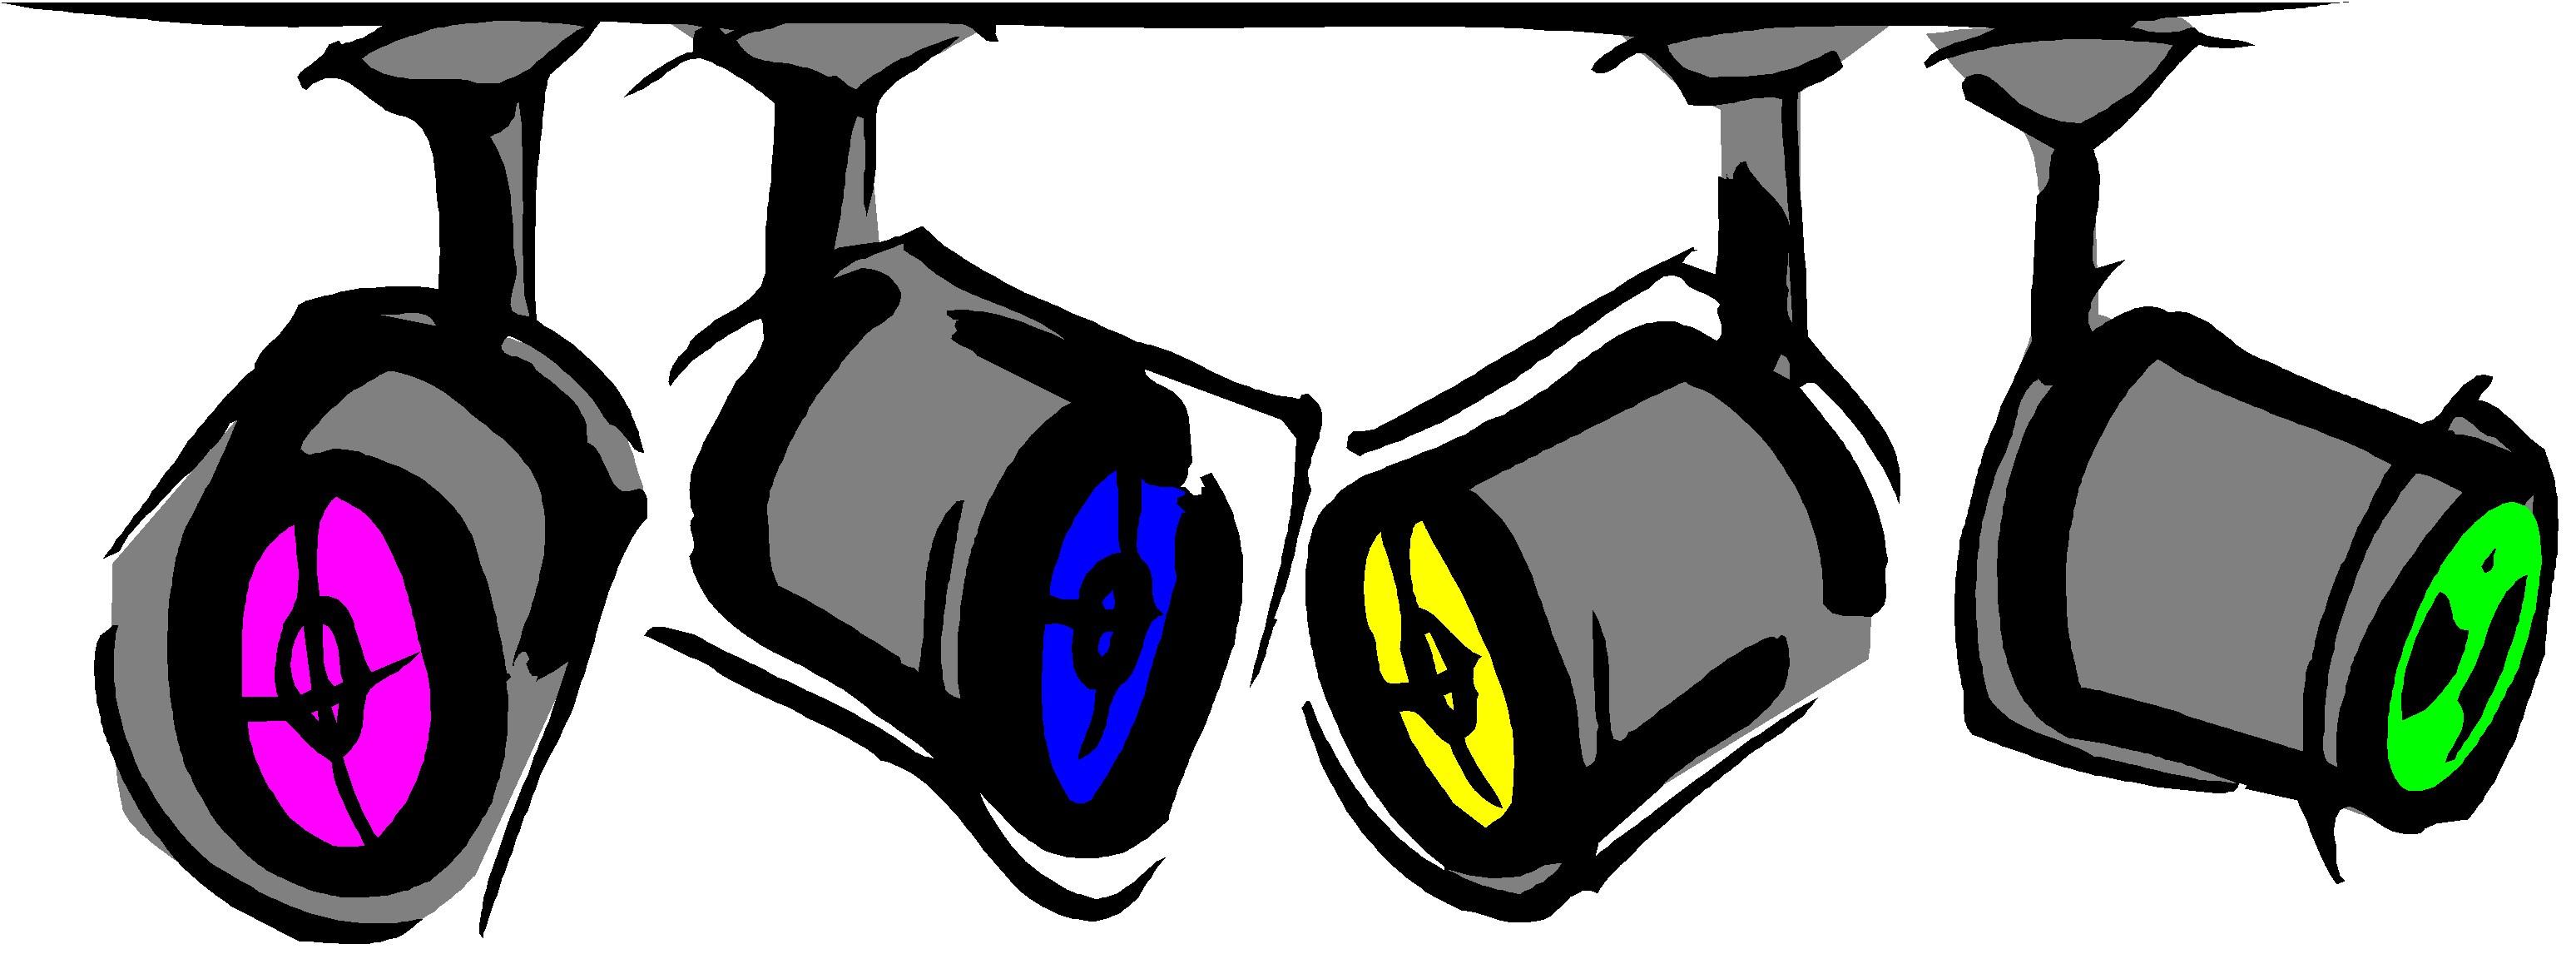 Dj lights clipart image freeuse download Dj lights clipart 4 » Clipart Portal image freeuse download